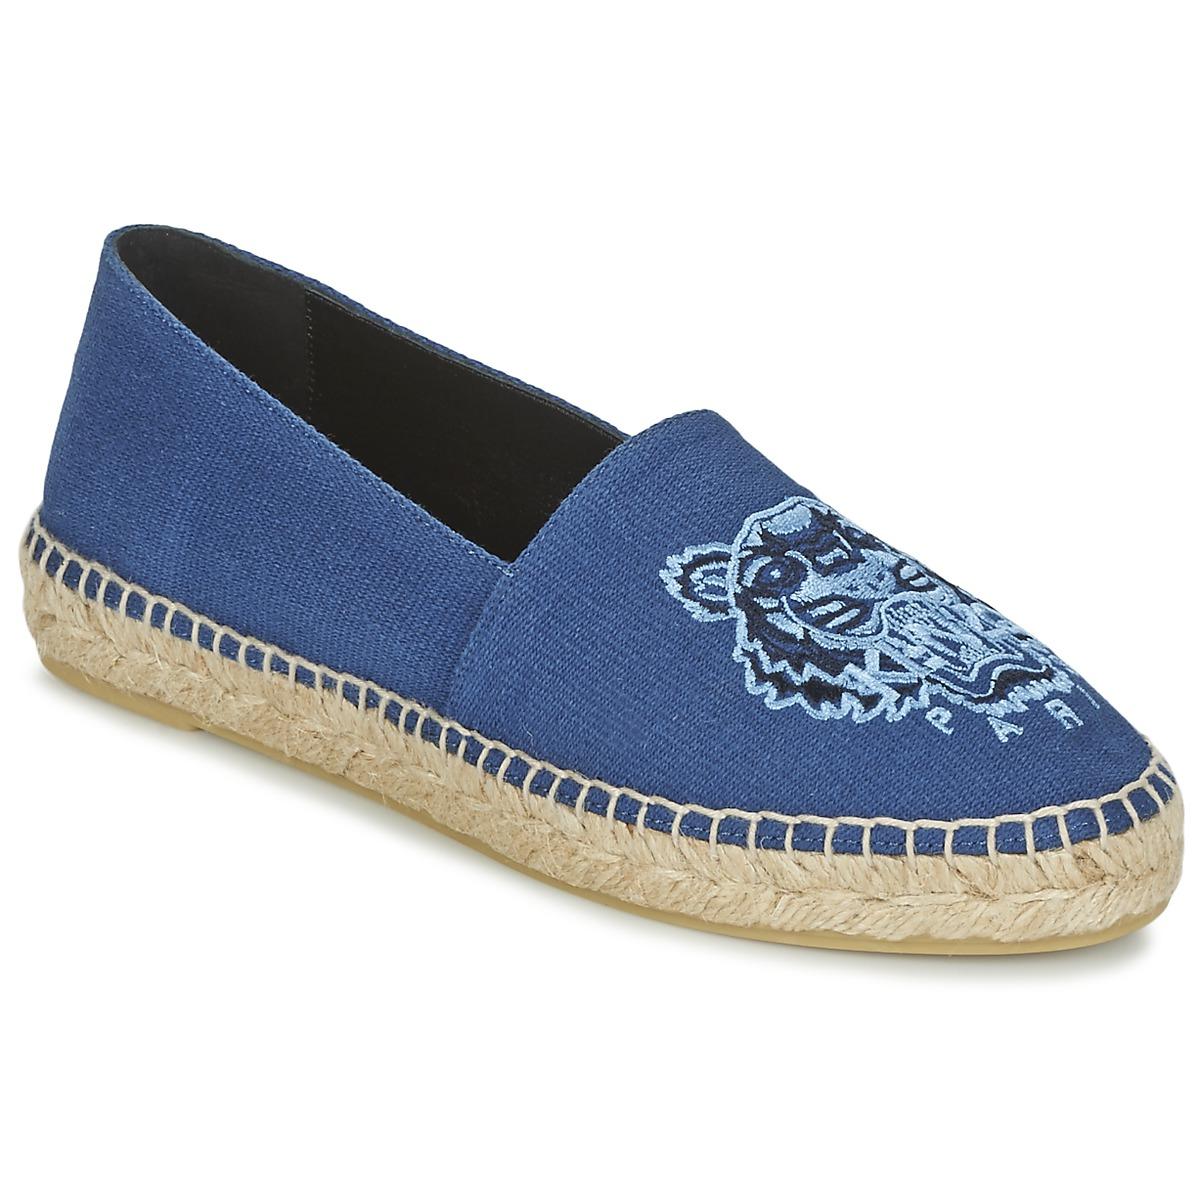 espadrilles kenzo tiger head bleu livraison gratuite avec chaussures femme 145. Black Bedroom Furniture Sets. Home Design Ideas